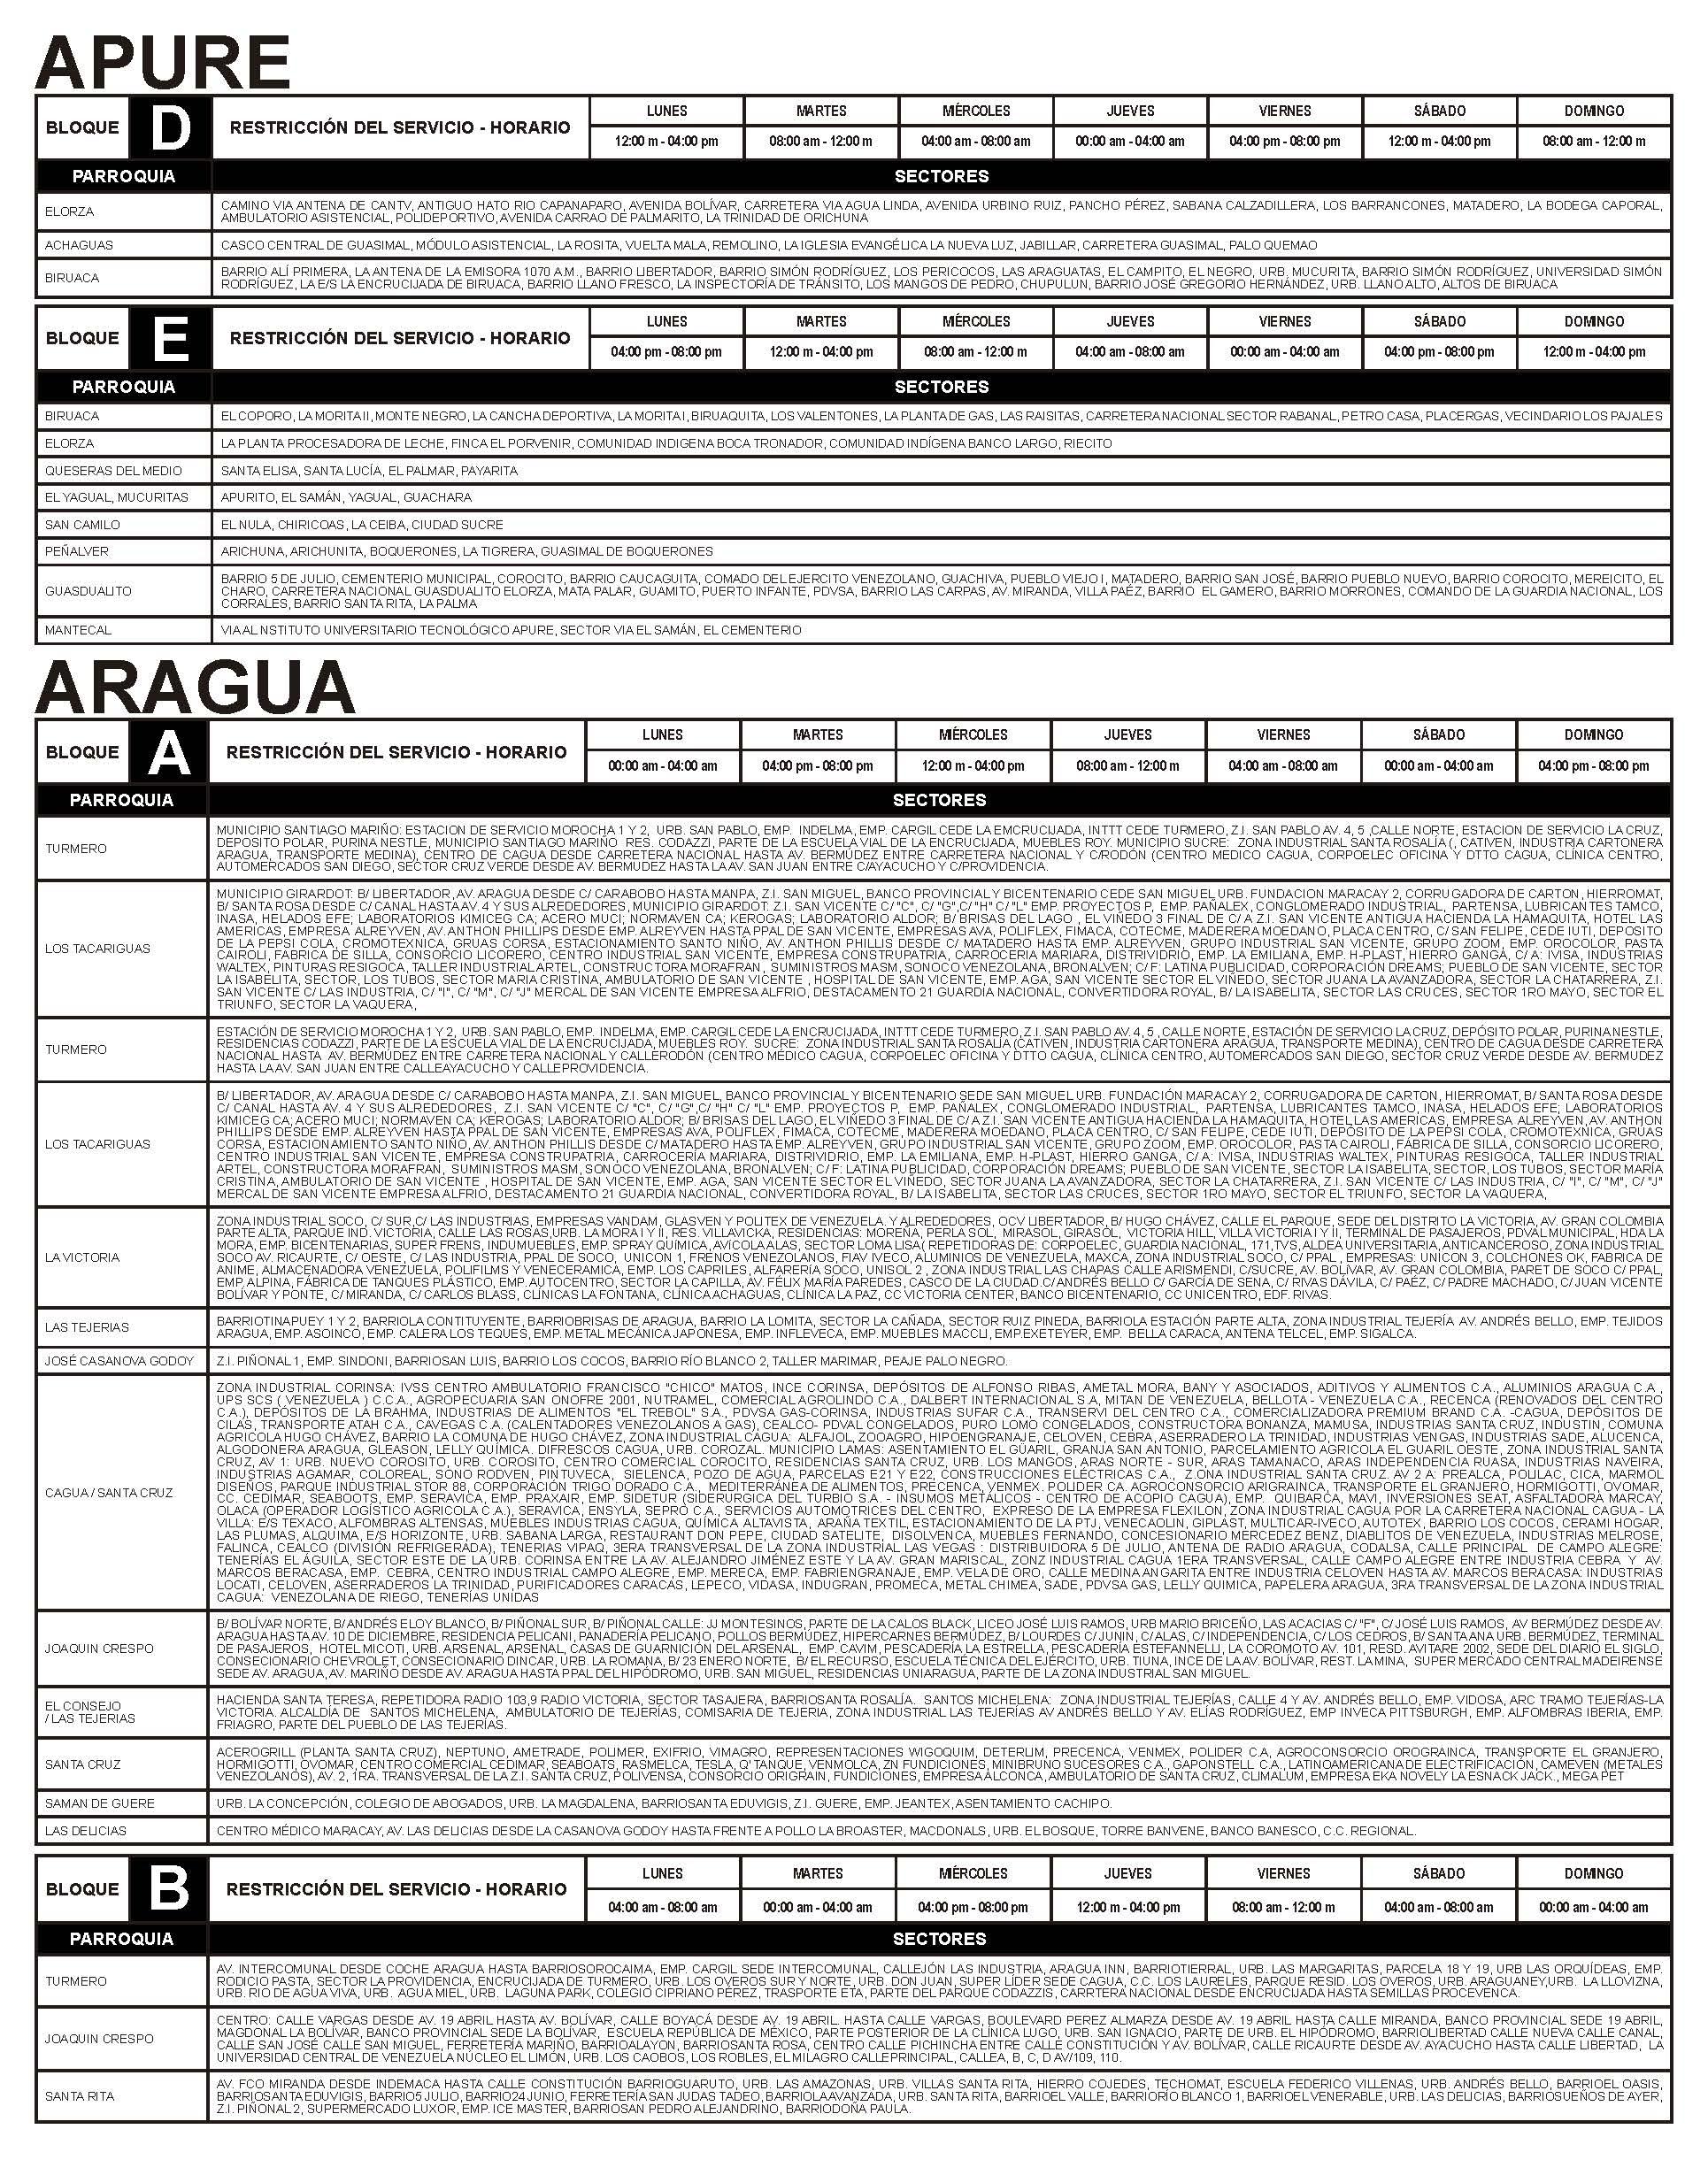 Cronograma De Pago De Agosto 2016 Plan Joven | cronograma